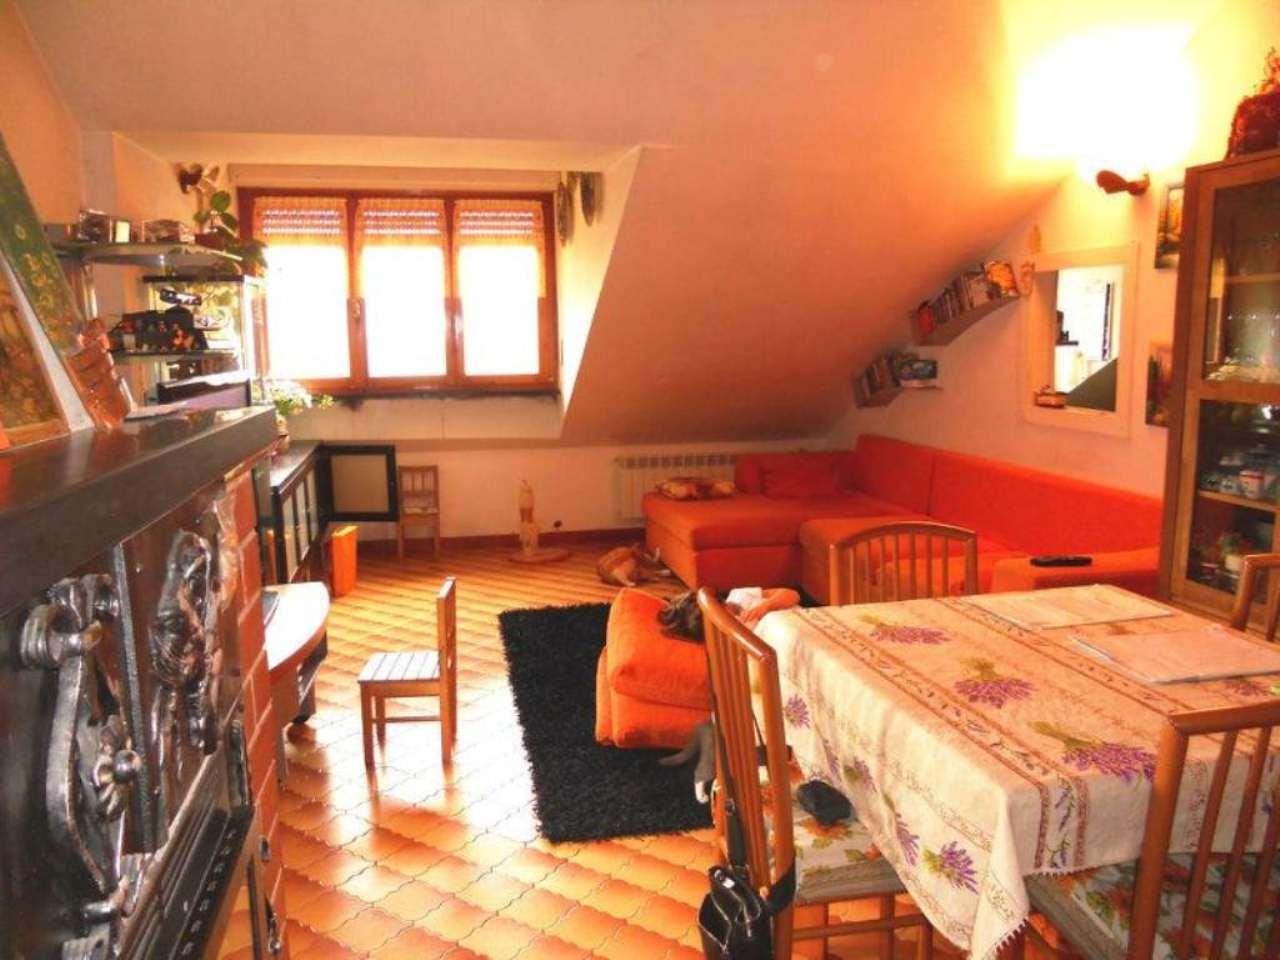 Attico / Mansarda in vendita a Moconesi, 5 locali, prezzo € 55.000 | Cambio Casa.it